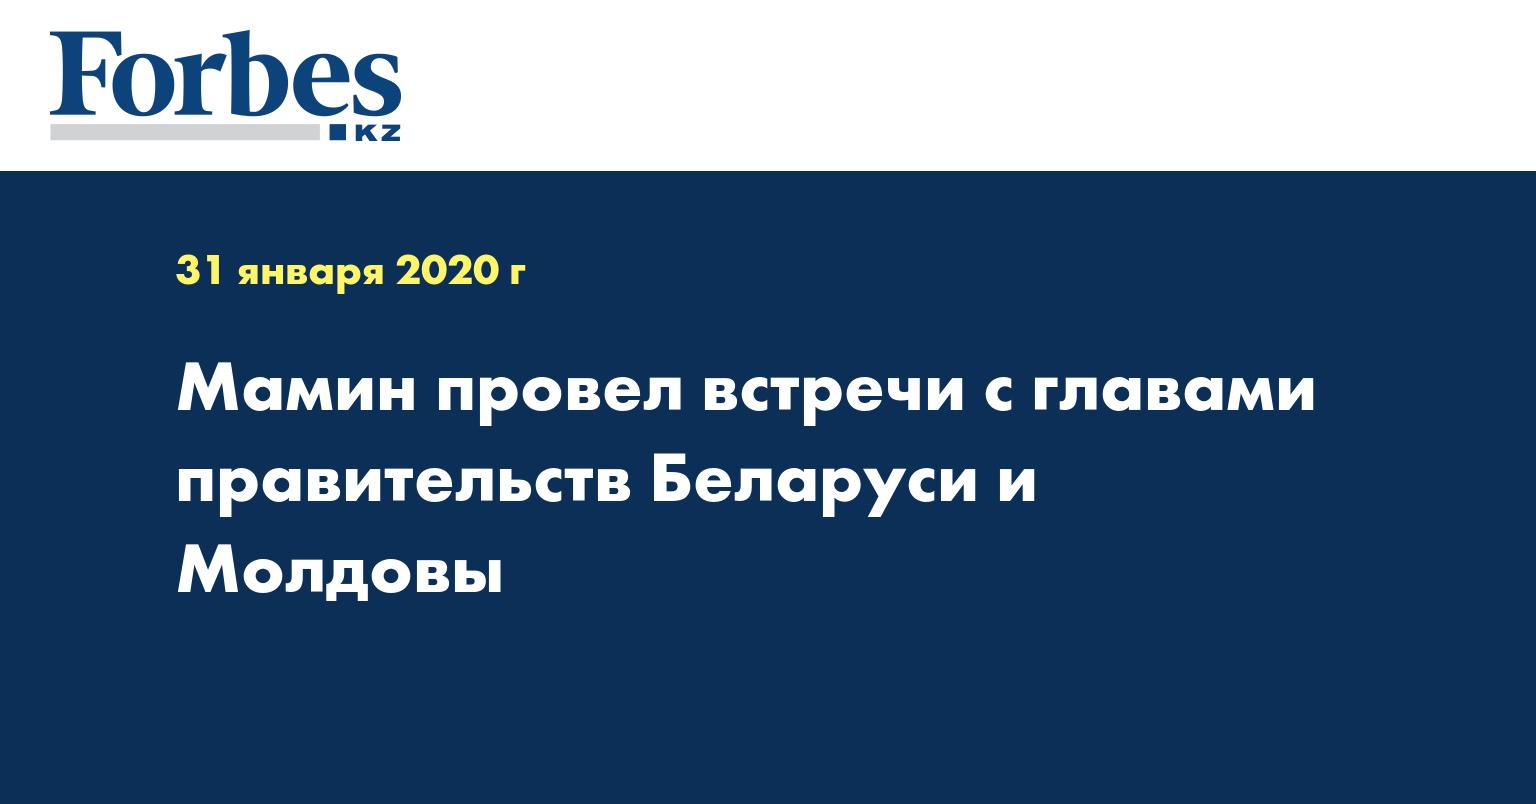 Мамин провел встречи с главами правительств Беларуси и Молдовы